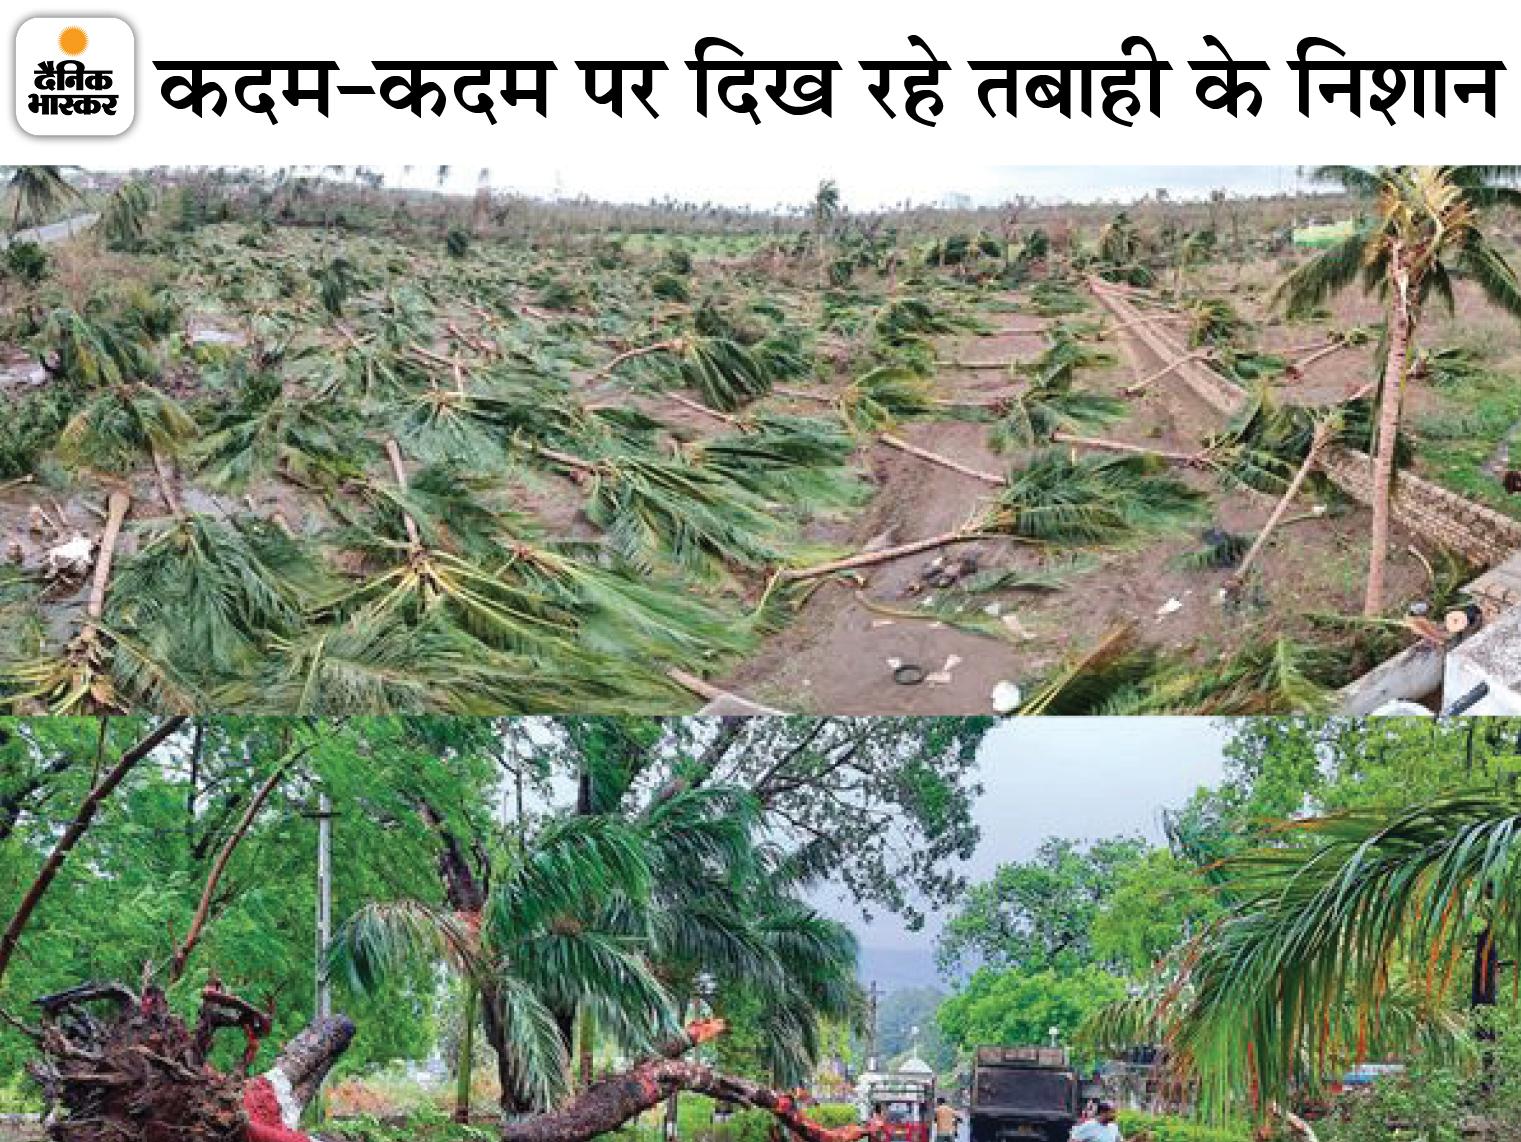 वेरावल में जगह-जगह गिरे पेड़ों का अंबार। - Dainik Bhaskar